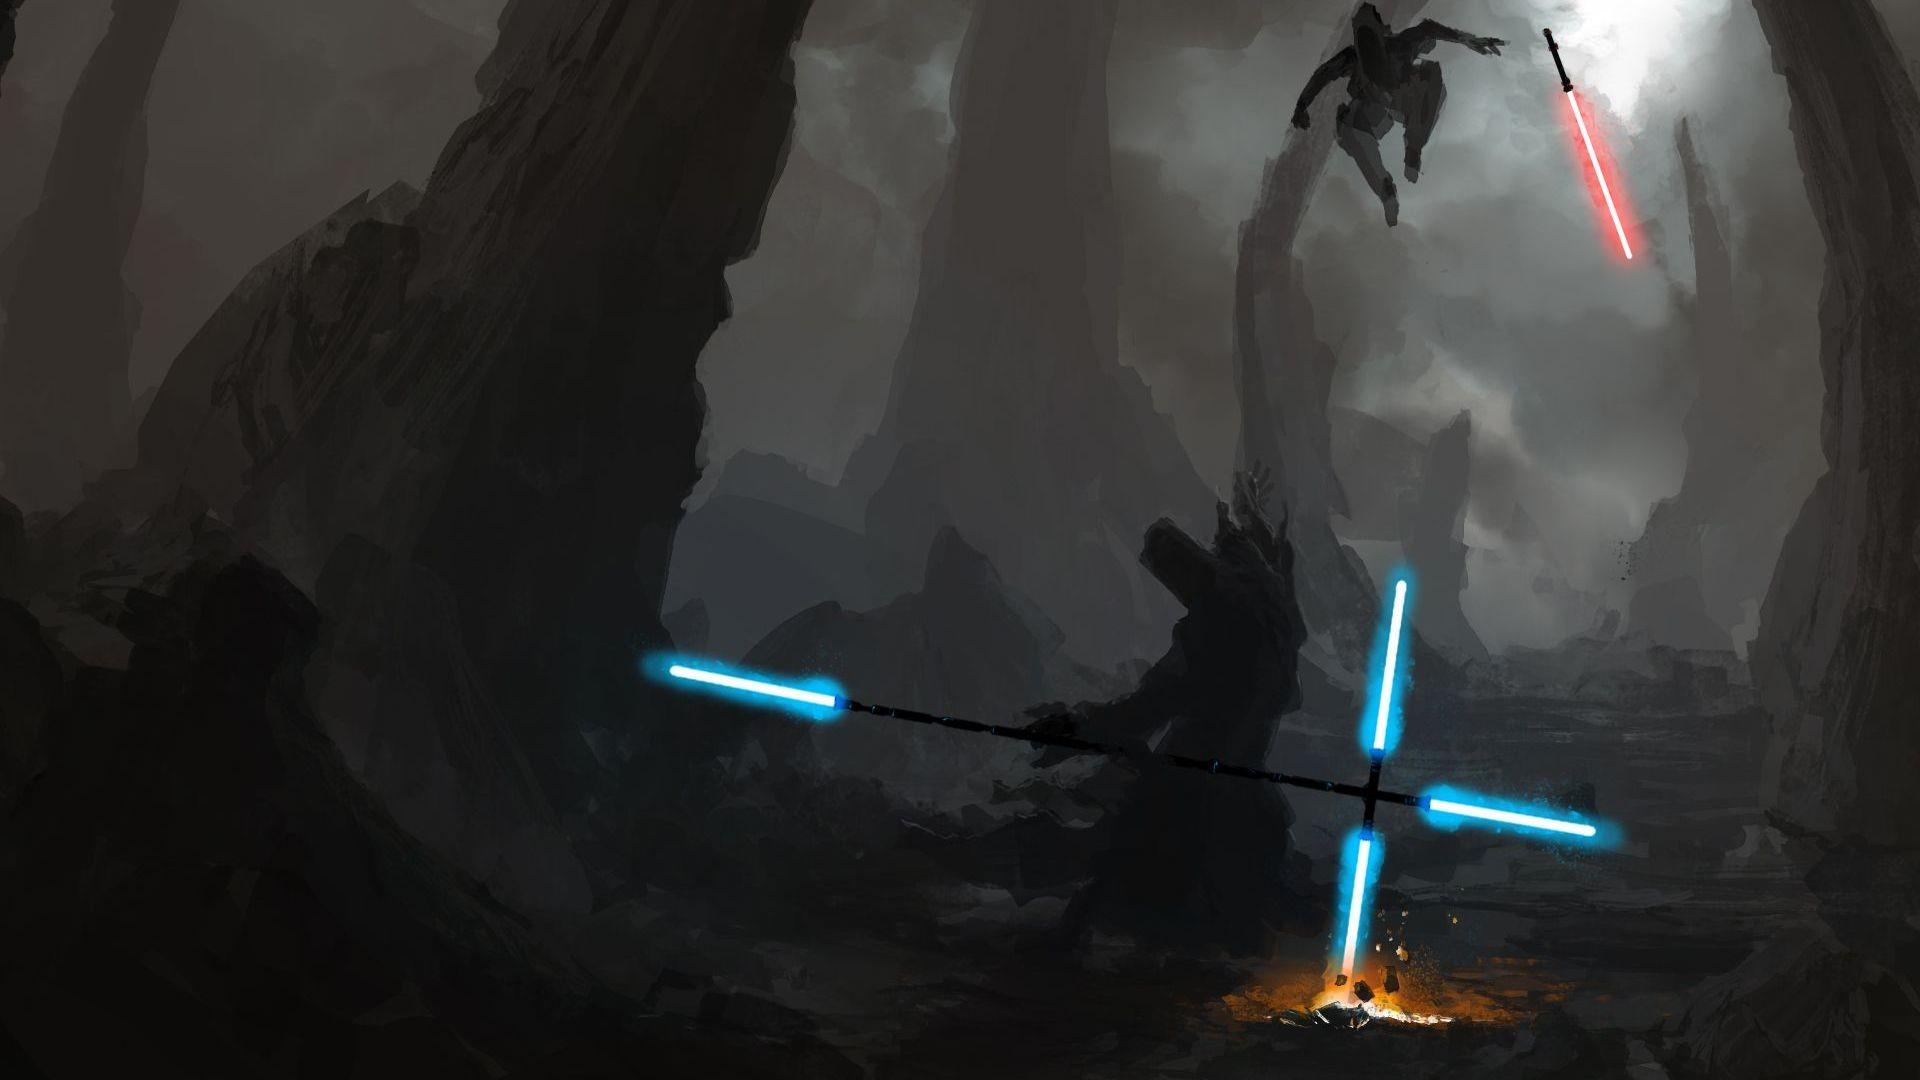 star-wars-lightsaber-battle-artistic-hd-wallpaper-1920×1080-2313.jpg  (1920×1080) | #STAR WARS | Pinterest | Character concept